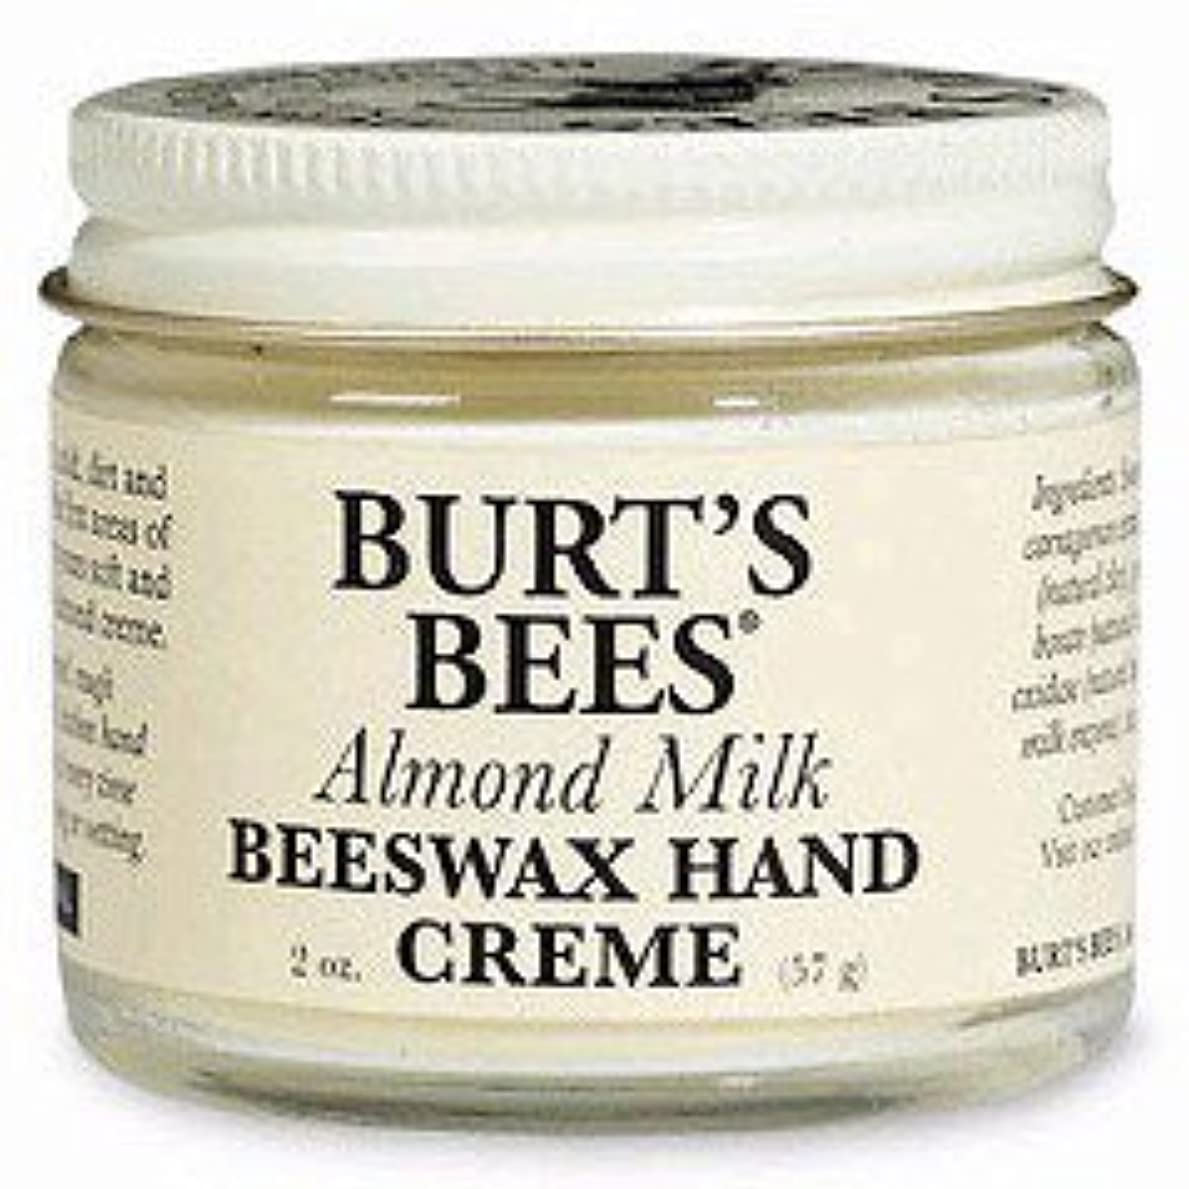 紛争スペシャリスト製品バーツビーズ(Burt's Bees) アーモンドミルク?ビーズワックス?ハンドクリーム 57g [海外直送品][並行輸入品]